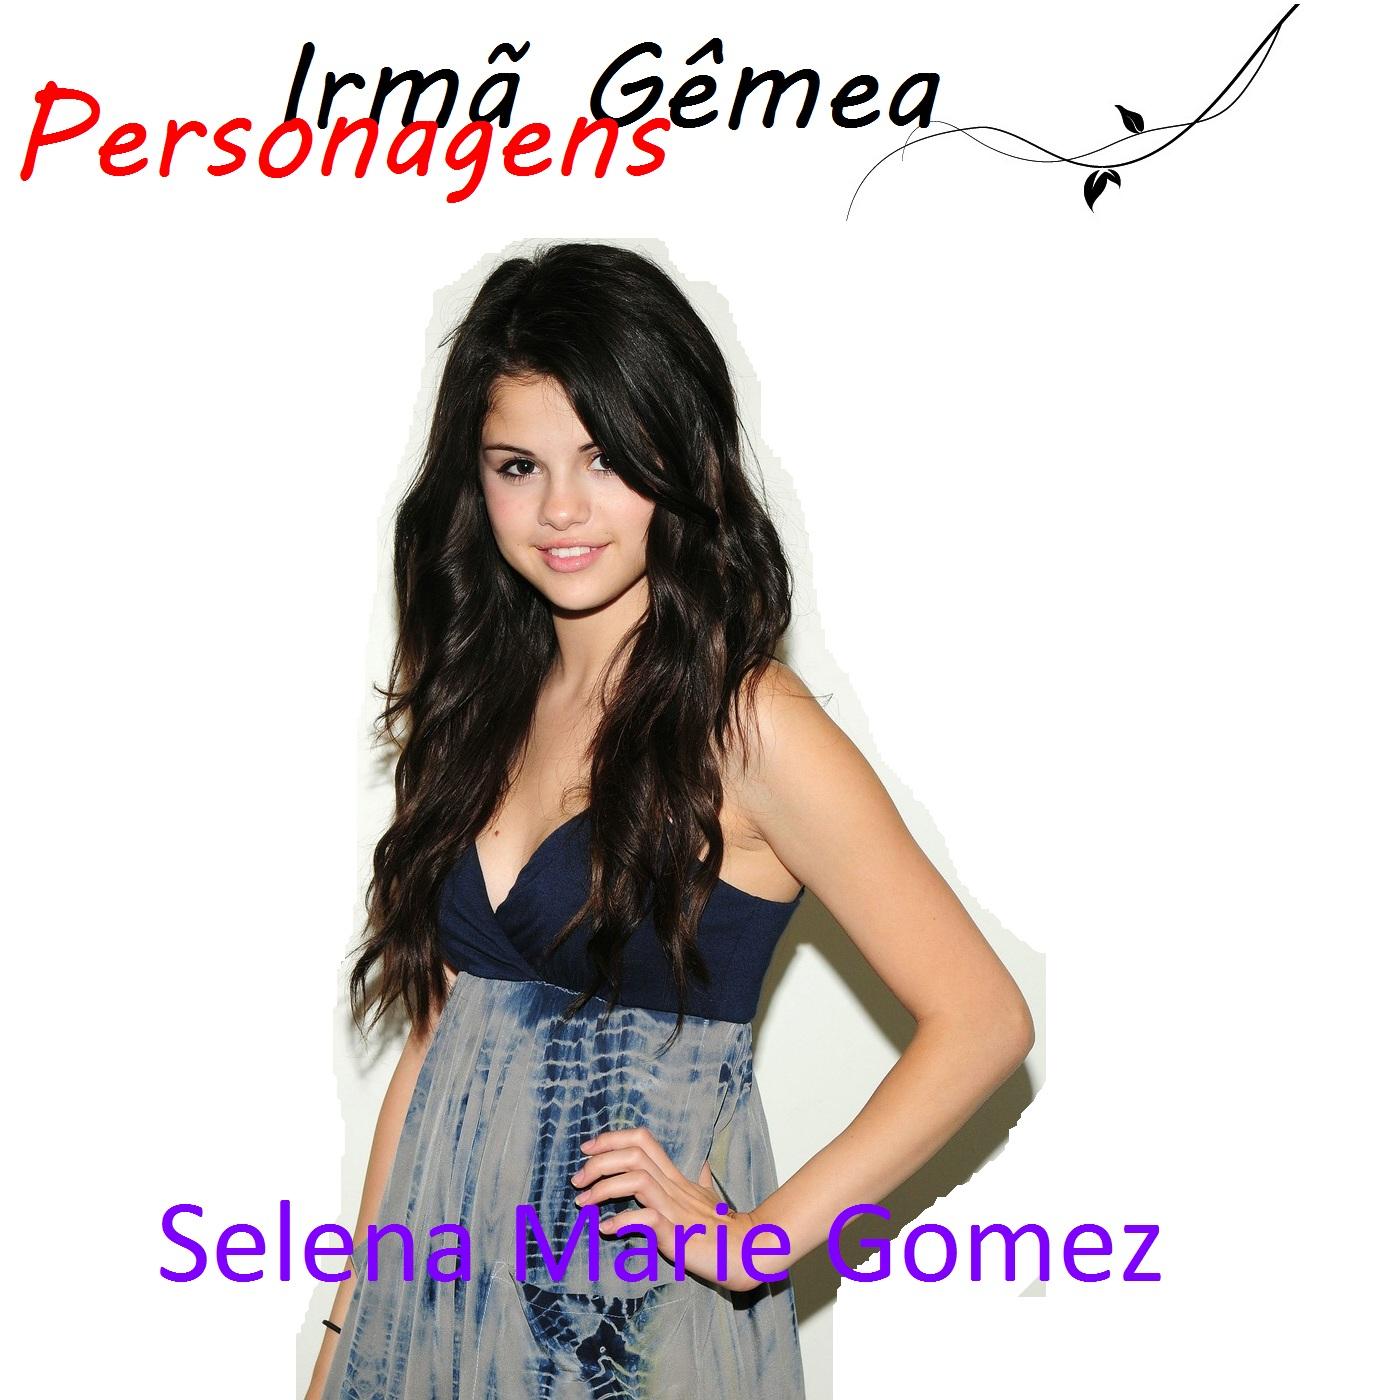 http://2.bp.blogspot.com/-EhcC8mSJDdM/ToN-iFx5TOI/AAAAAAAAAQE/Tc6v226nk7w/s1600/Selena+Marie+Gomez+-+Personagens+-+Irm%25C3%25A3+G%25C3%25AAmea.jpg